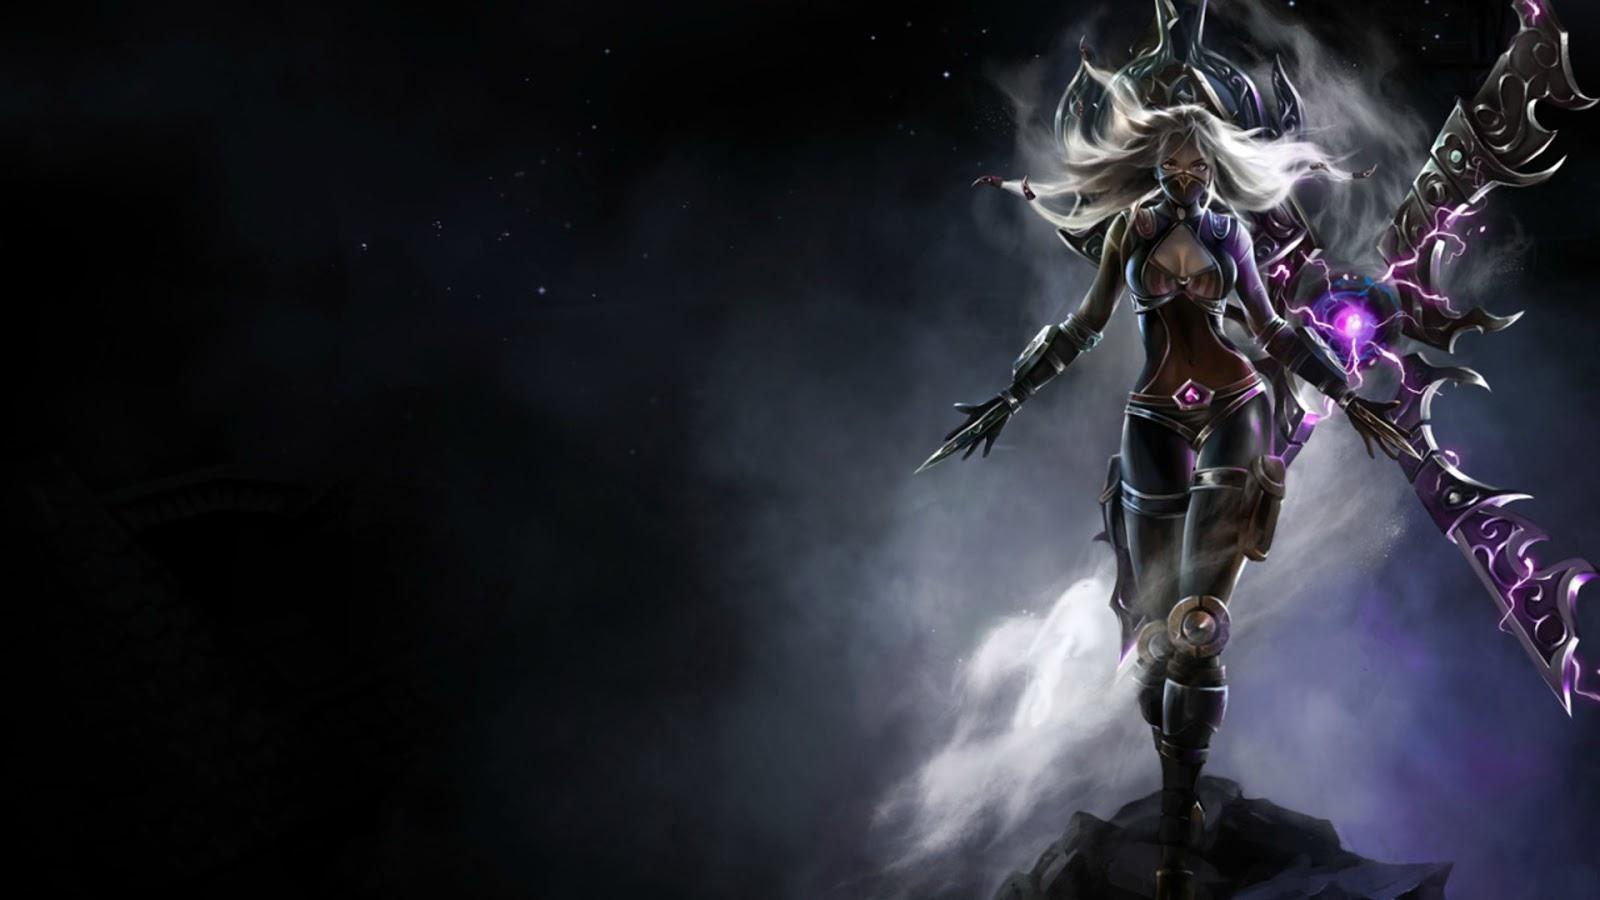 League Of Legends Wallpaper App Kadadaorg